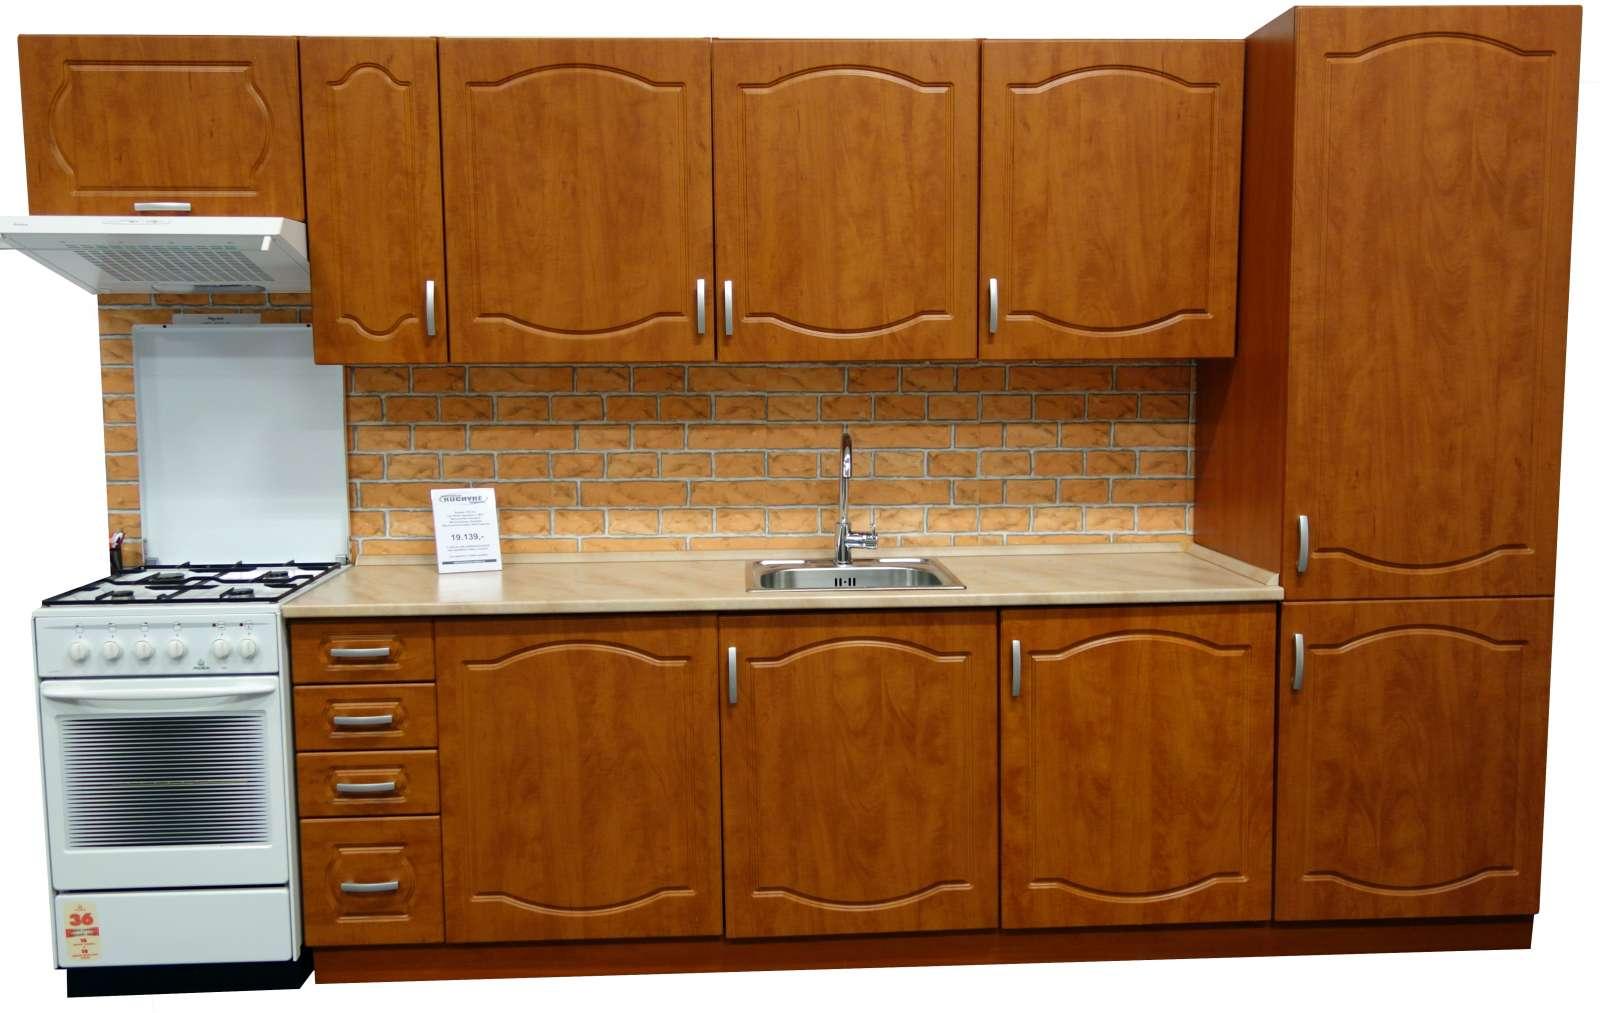 Kuchyně Diana kalvádos 330 cm - výprodej